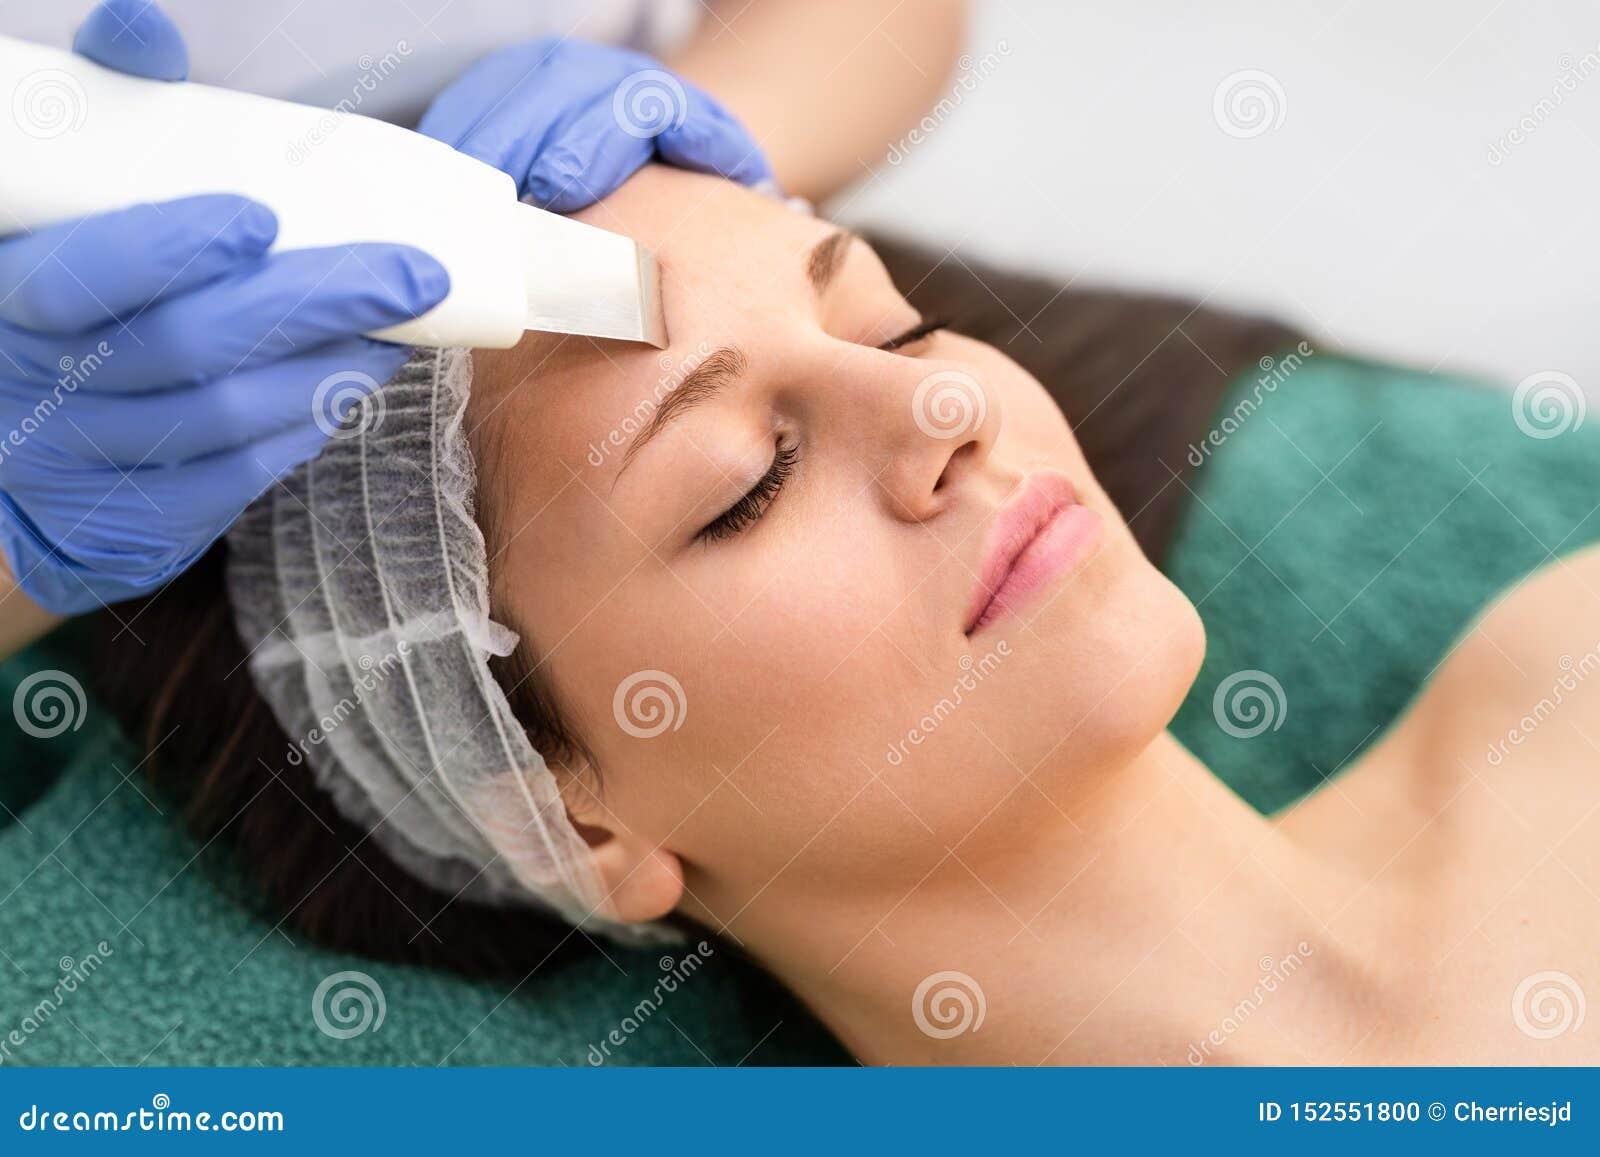 Το επαγγελματικό cosmetologist υποβάλλεται στην του προσώπου επεξεργασία δημιουργίας κοιλότητας